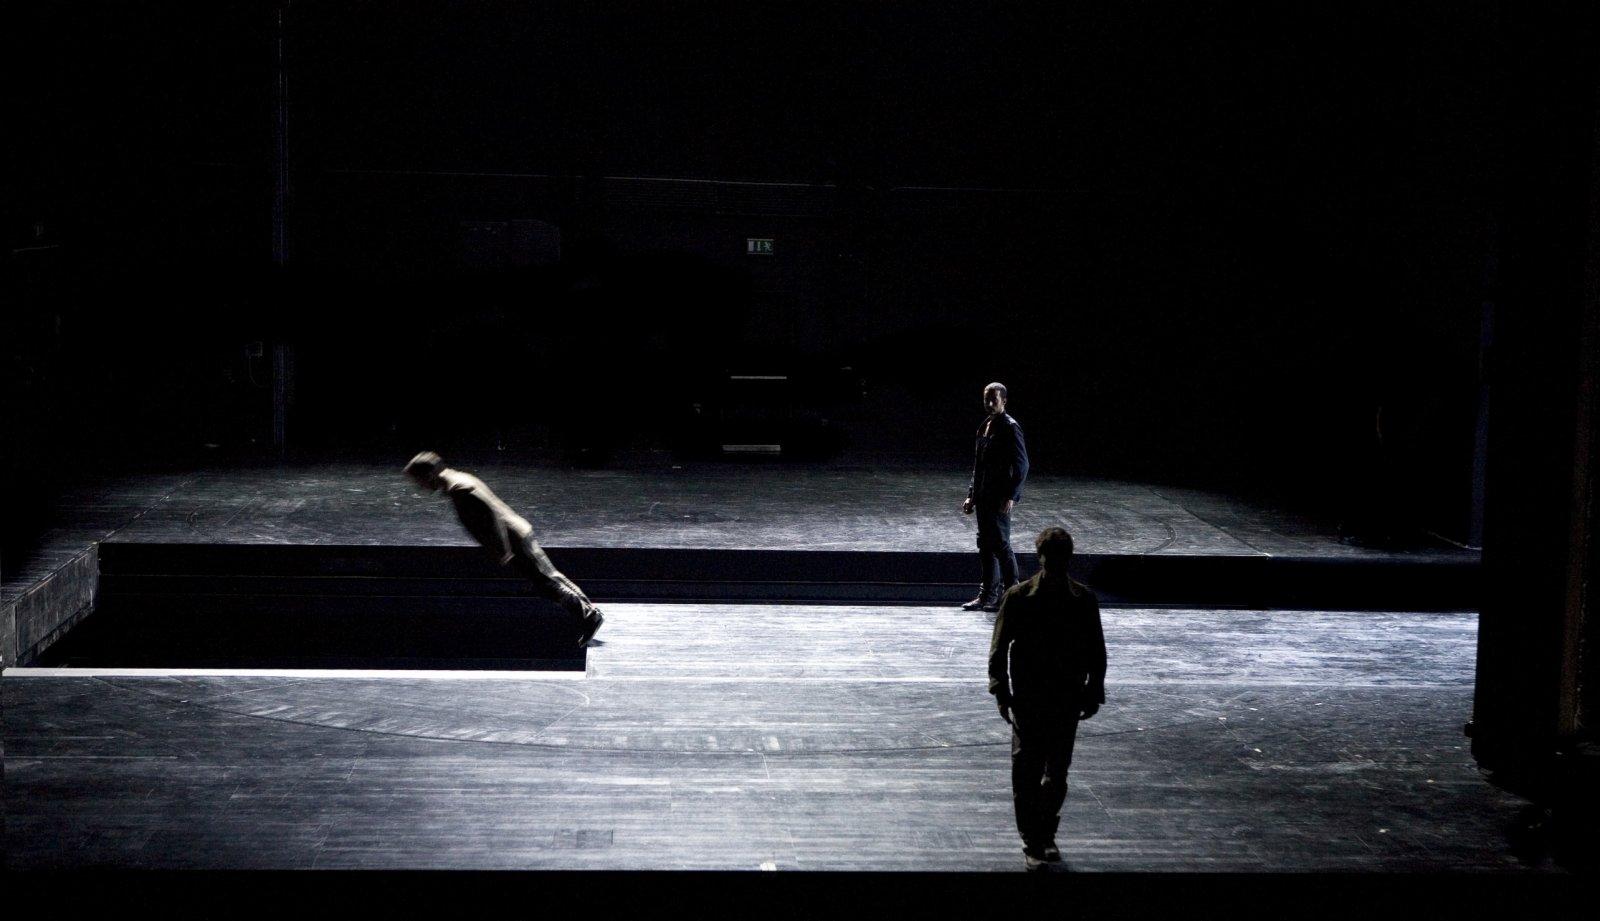 「新視野藝術節」亦帶來迪米特里斯‧帕派約安努的《無處》(導演版)。繼帕派約安努名作《偉大馴服者》2019年在香港演出讓觀眾驚嘆,由劇場幻術大師剪輯完整電影版本的環境舞蹈作品《無處》將首度於香港大會堂劇院公映。《無處》原為希臘國家劇院委約帕派約安努編創,作為其主舞台的開幕節目。(政府新聞處)